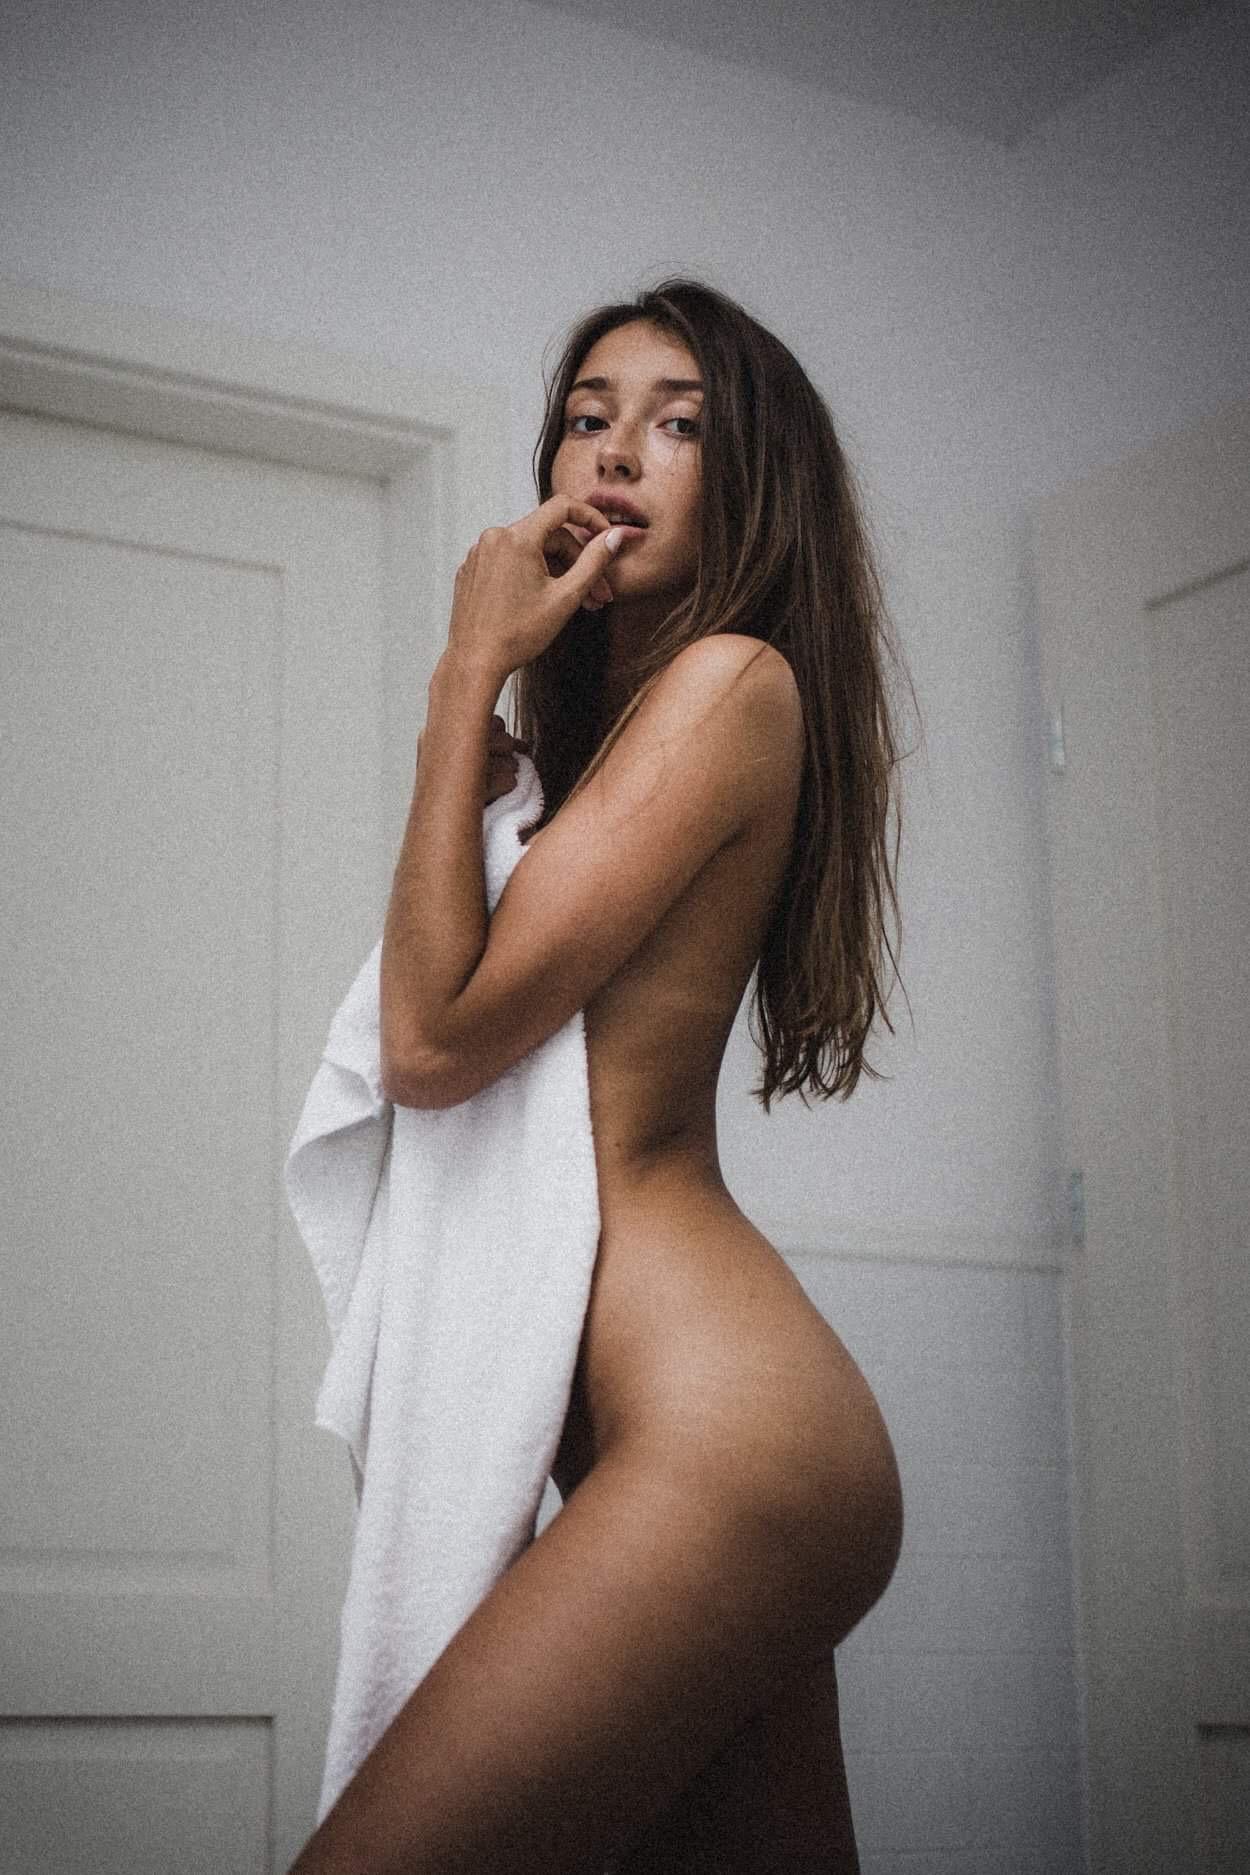 Samuela Gorska - Michal Dabek photoshoot